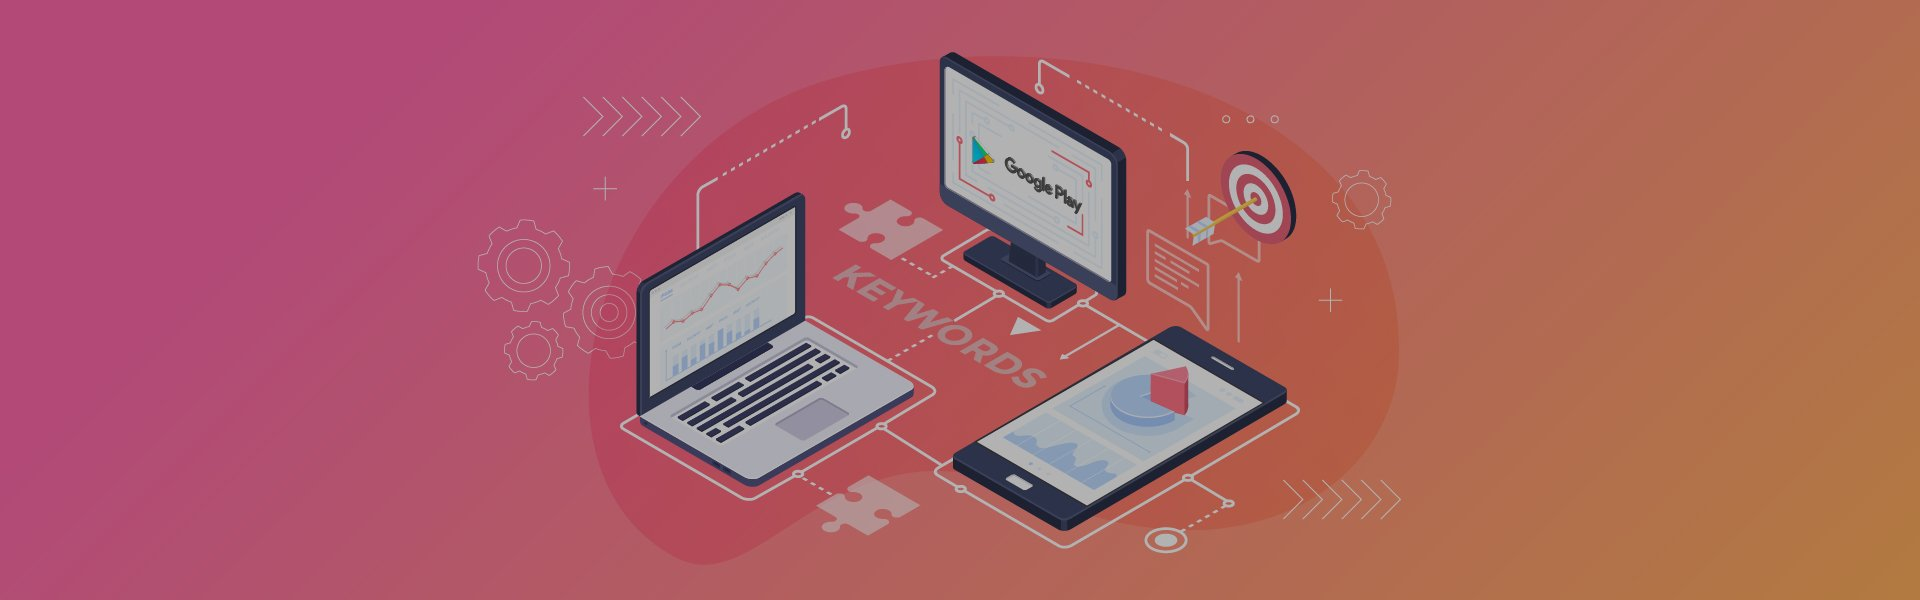 Google Play keyword monitoring